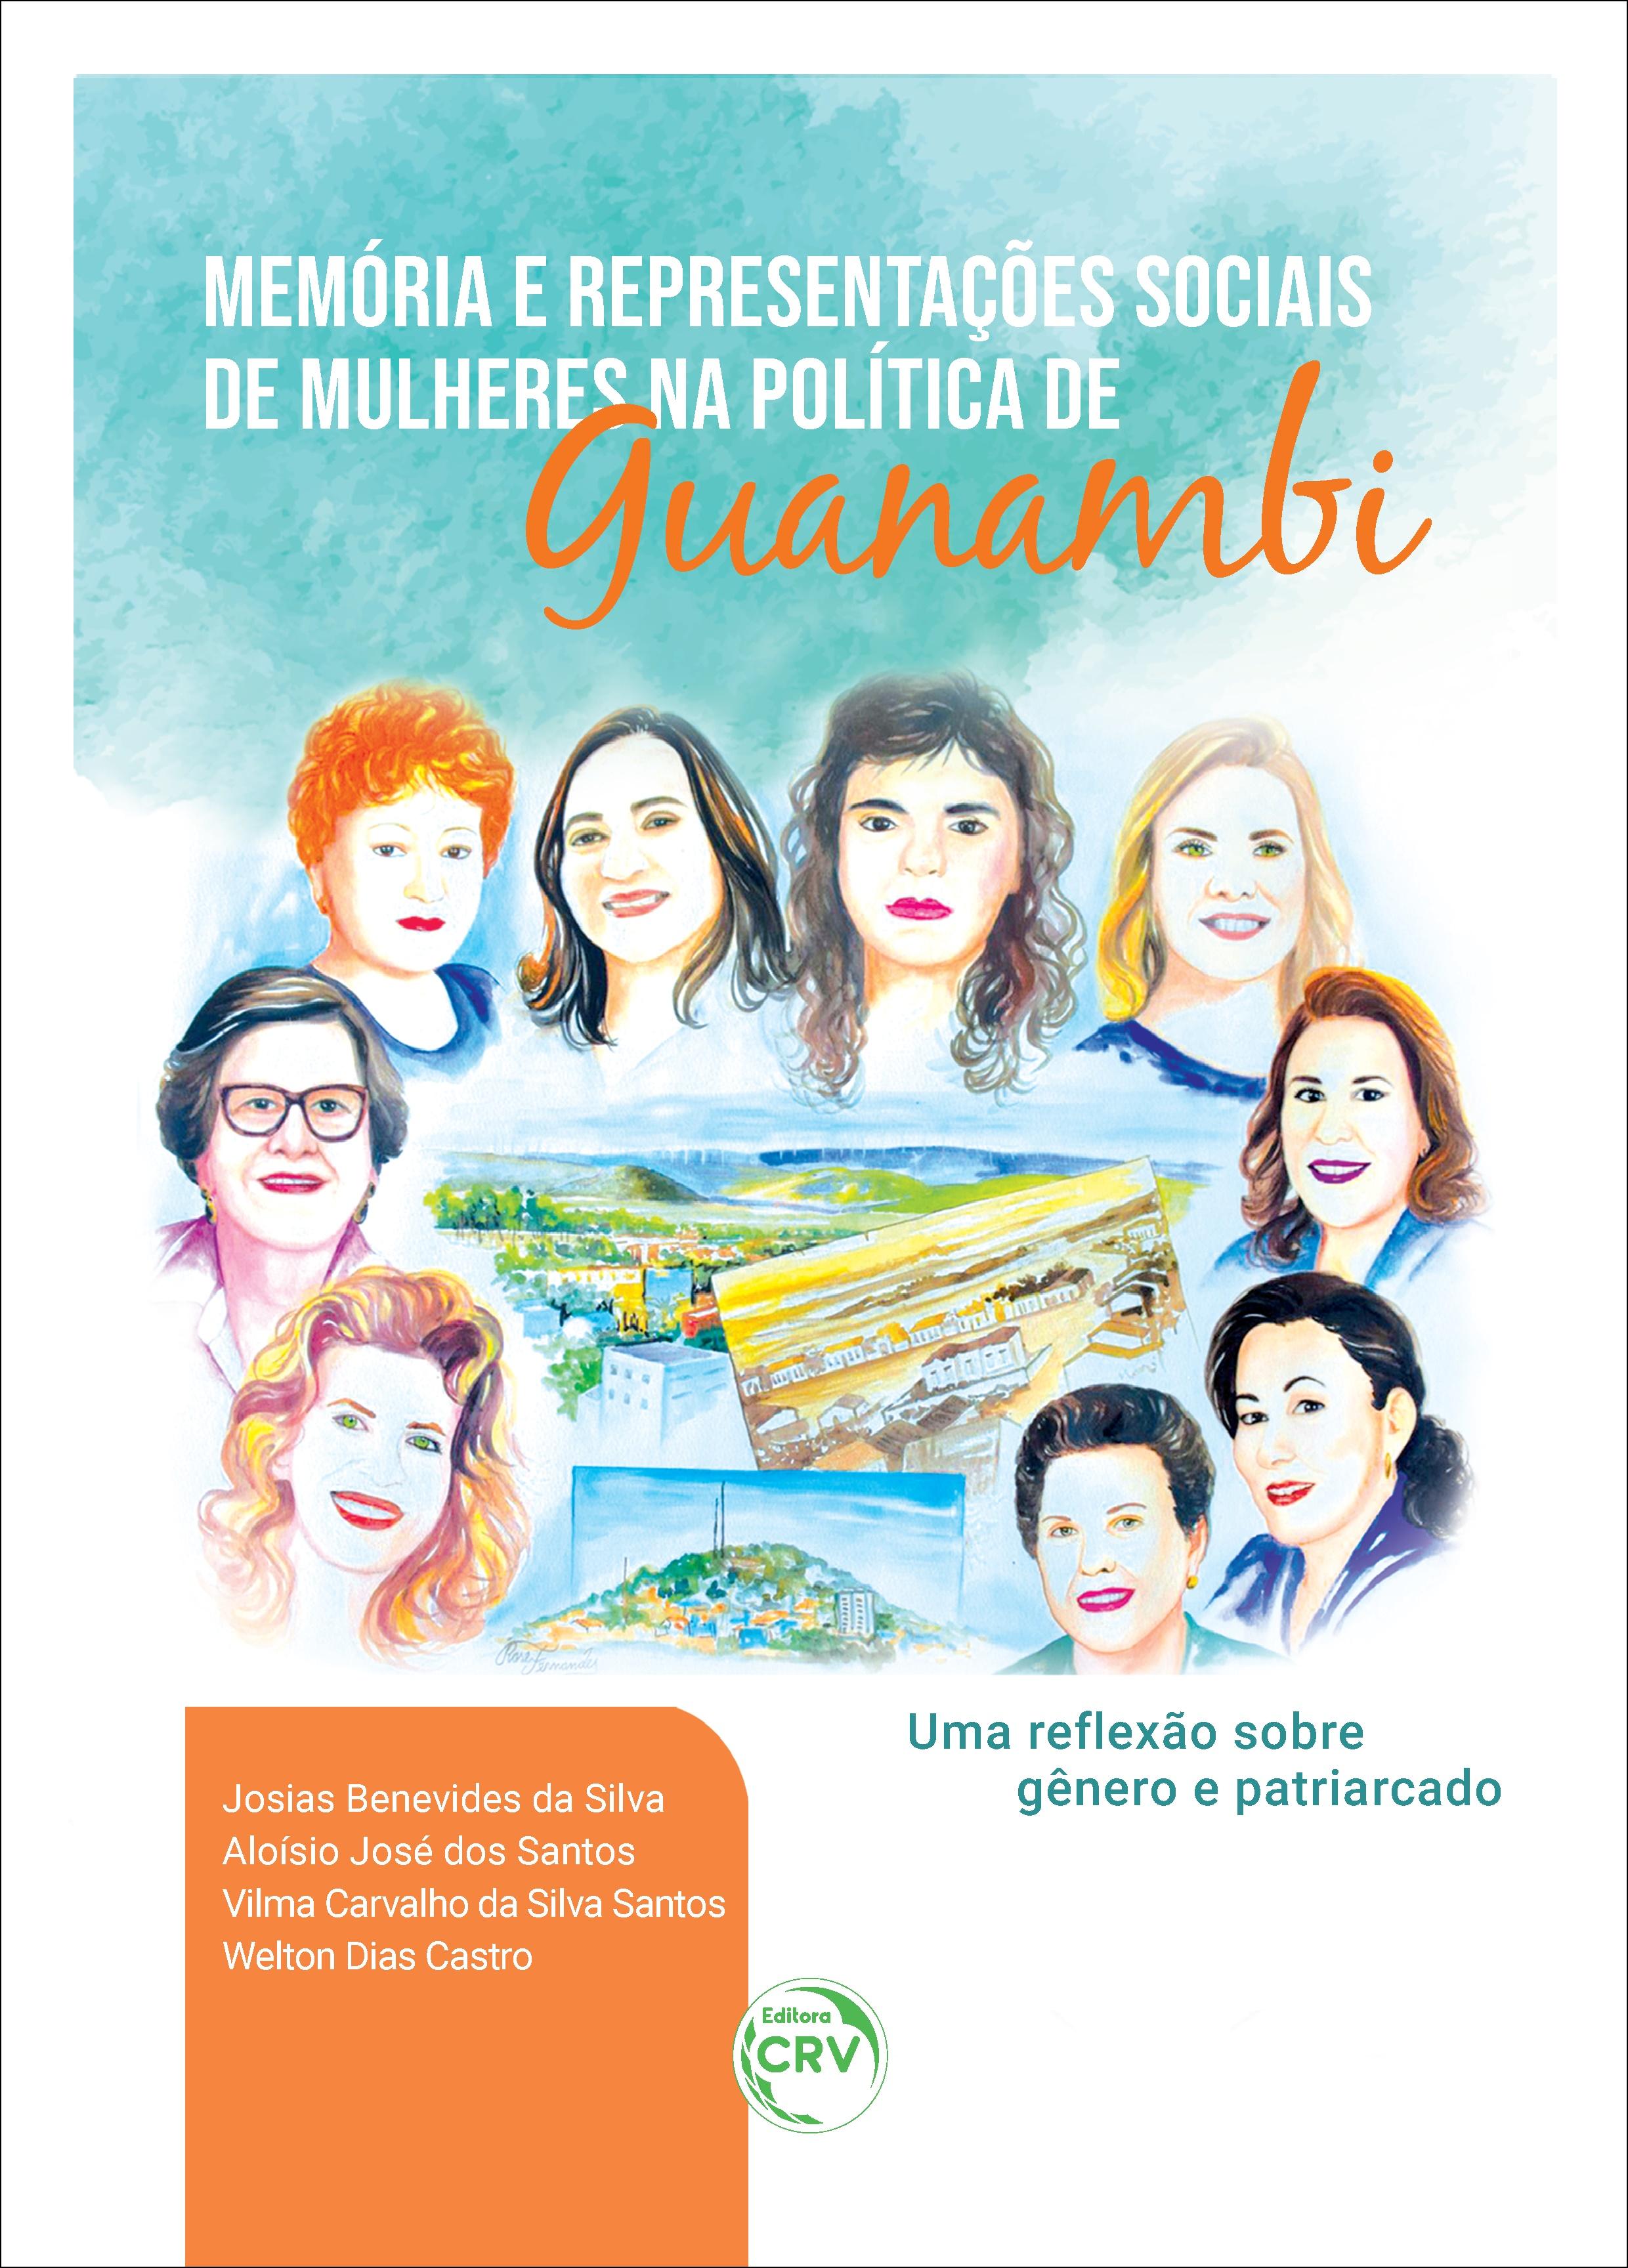 Capa do livro: MEMÓRIA E REPRESENTAÇÕES SOCIAIS DE MULHERES NA POLÍTICA DE GUANAMBI:  <br>uma reflexão sobre gênero e patriarcado